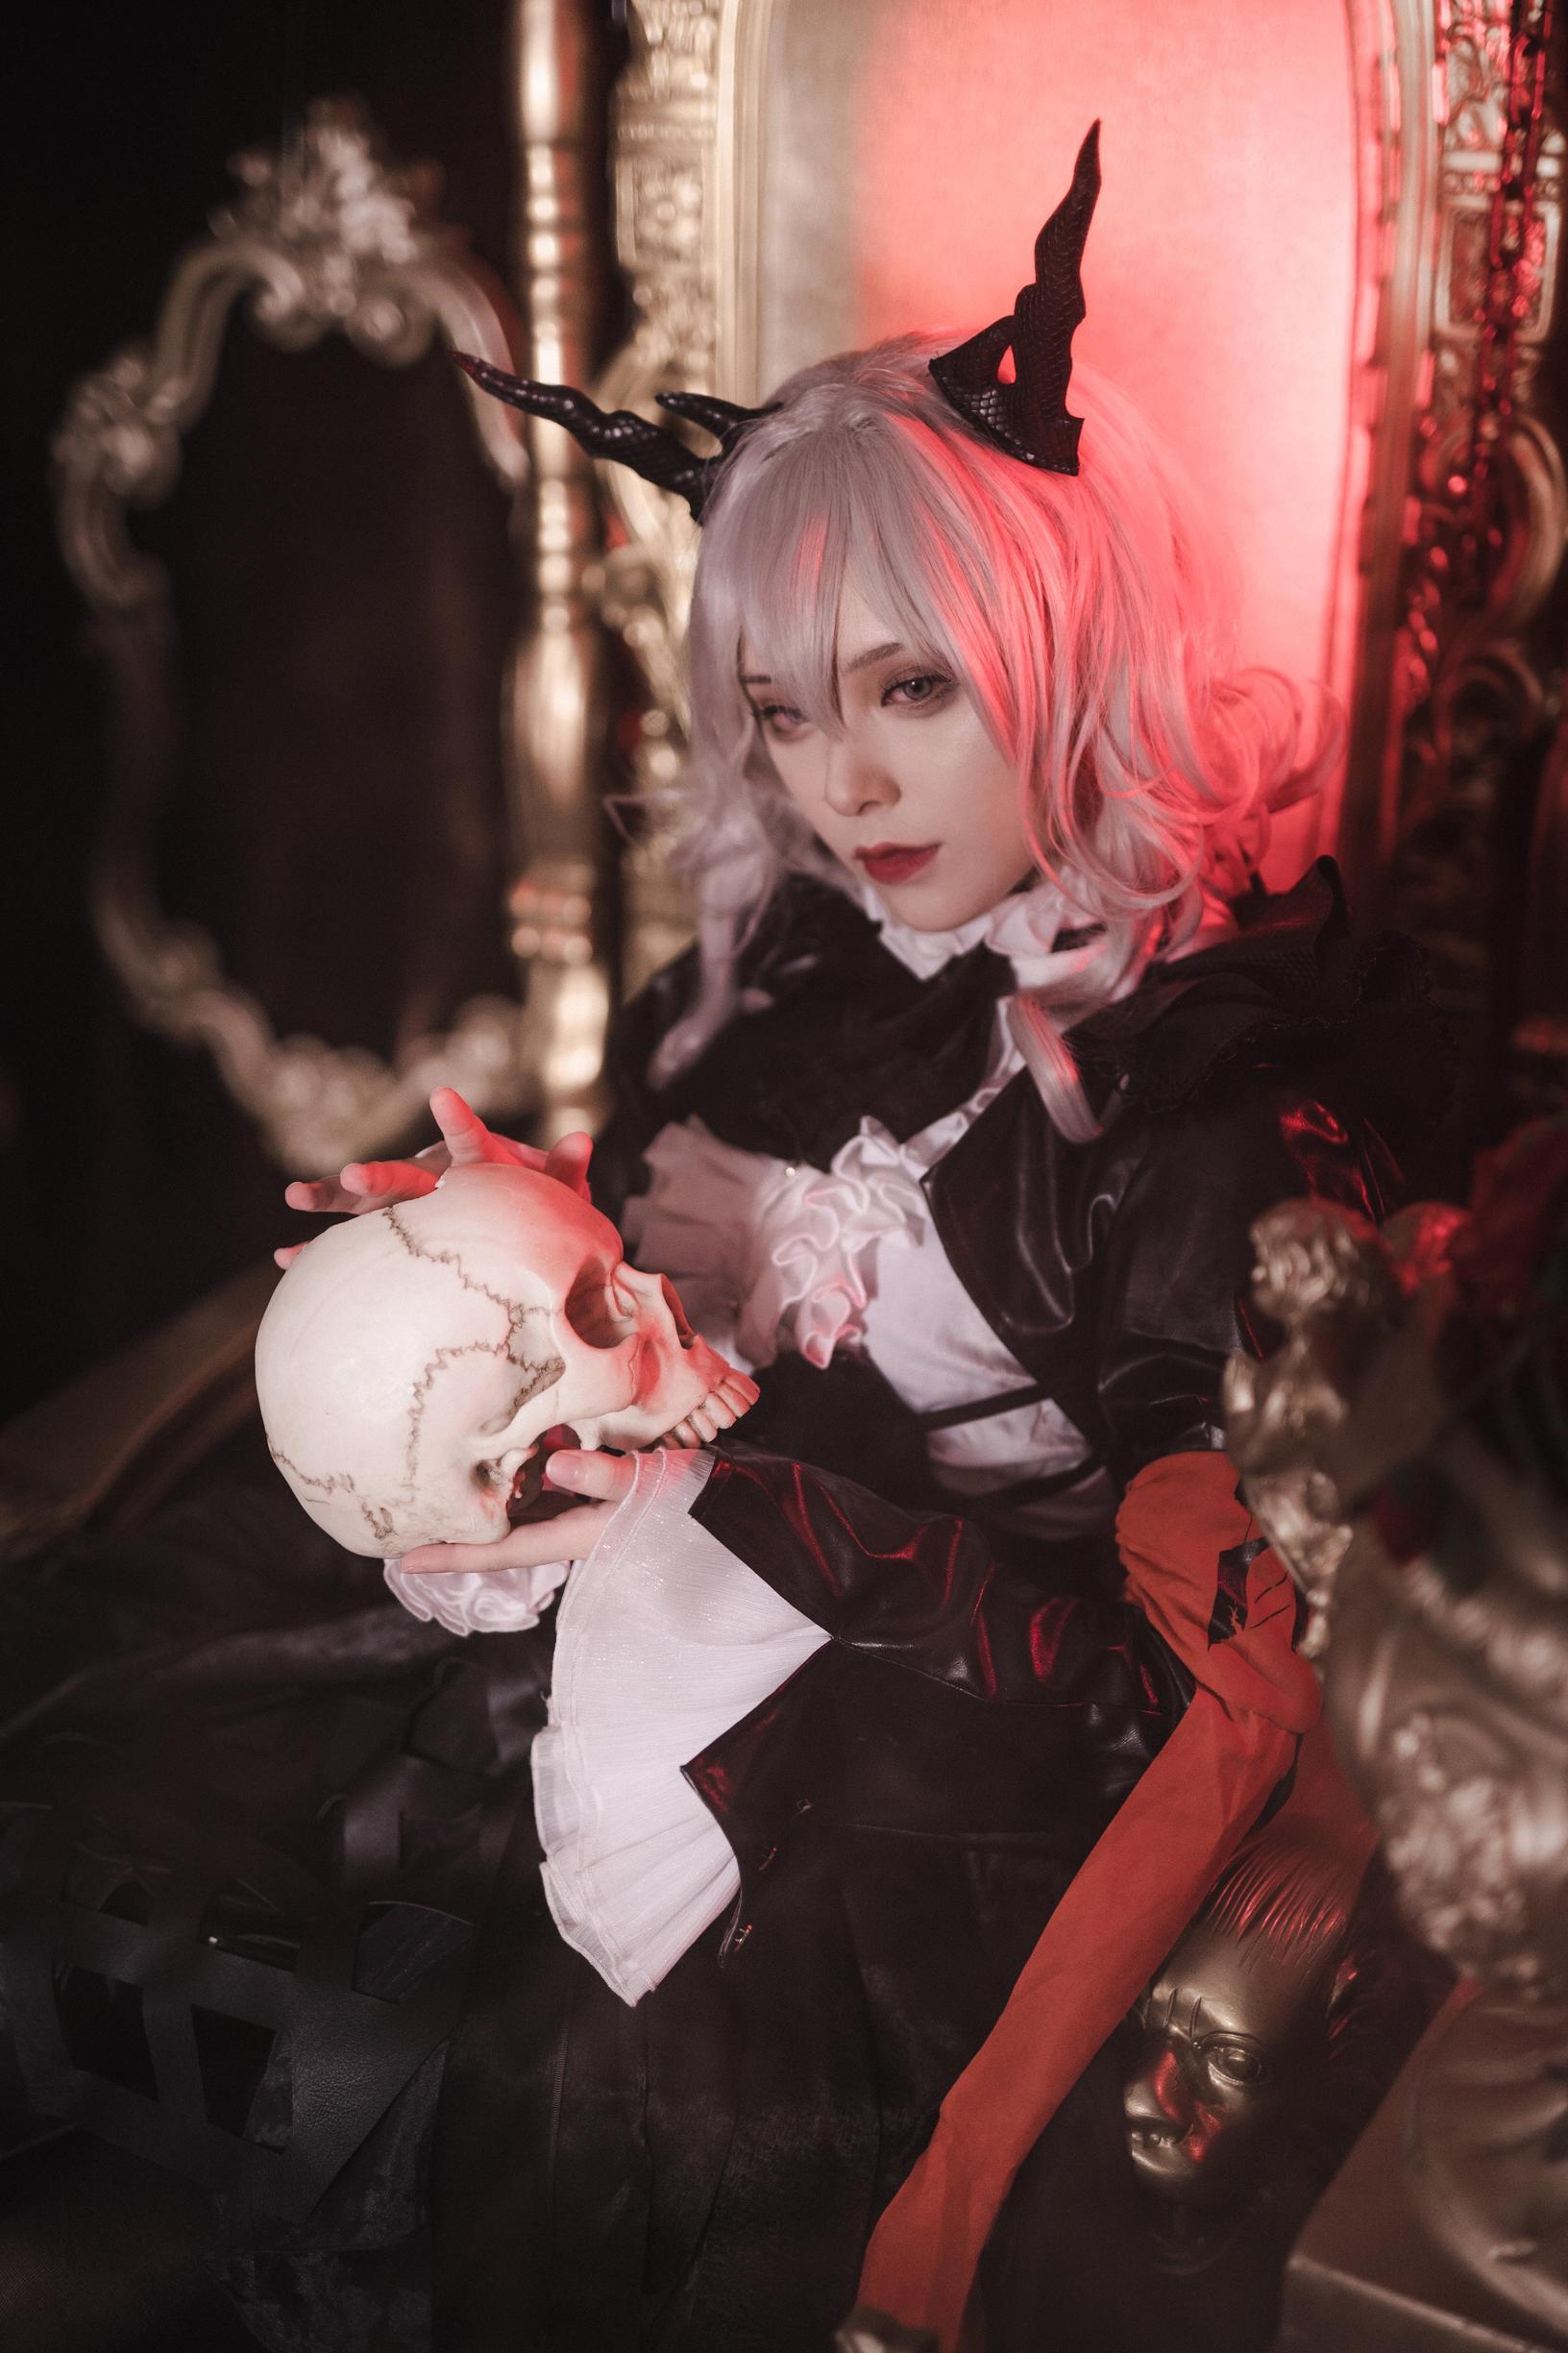 《明日方舟》正片cosplay【CN:十叁ii】 -日本cosplay美女图片插图